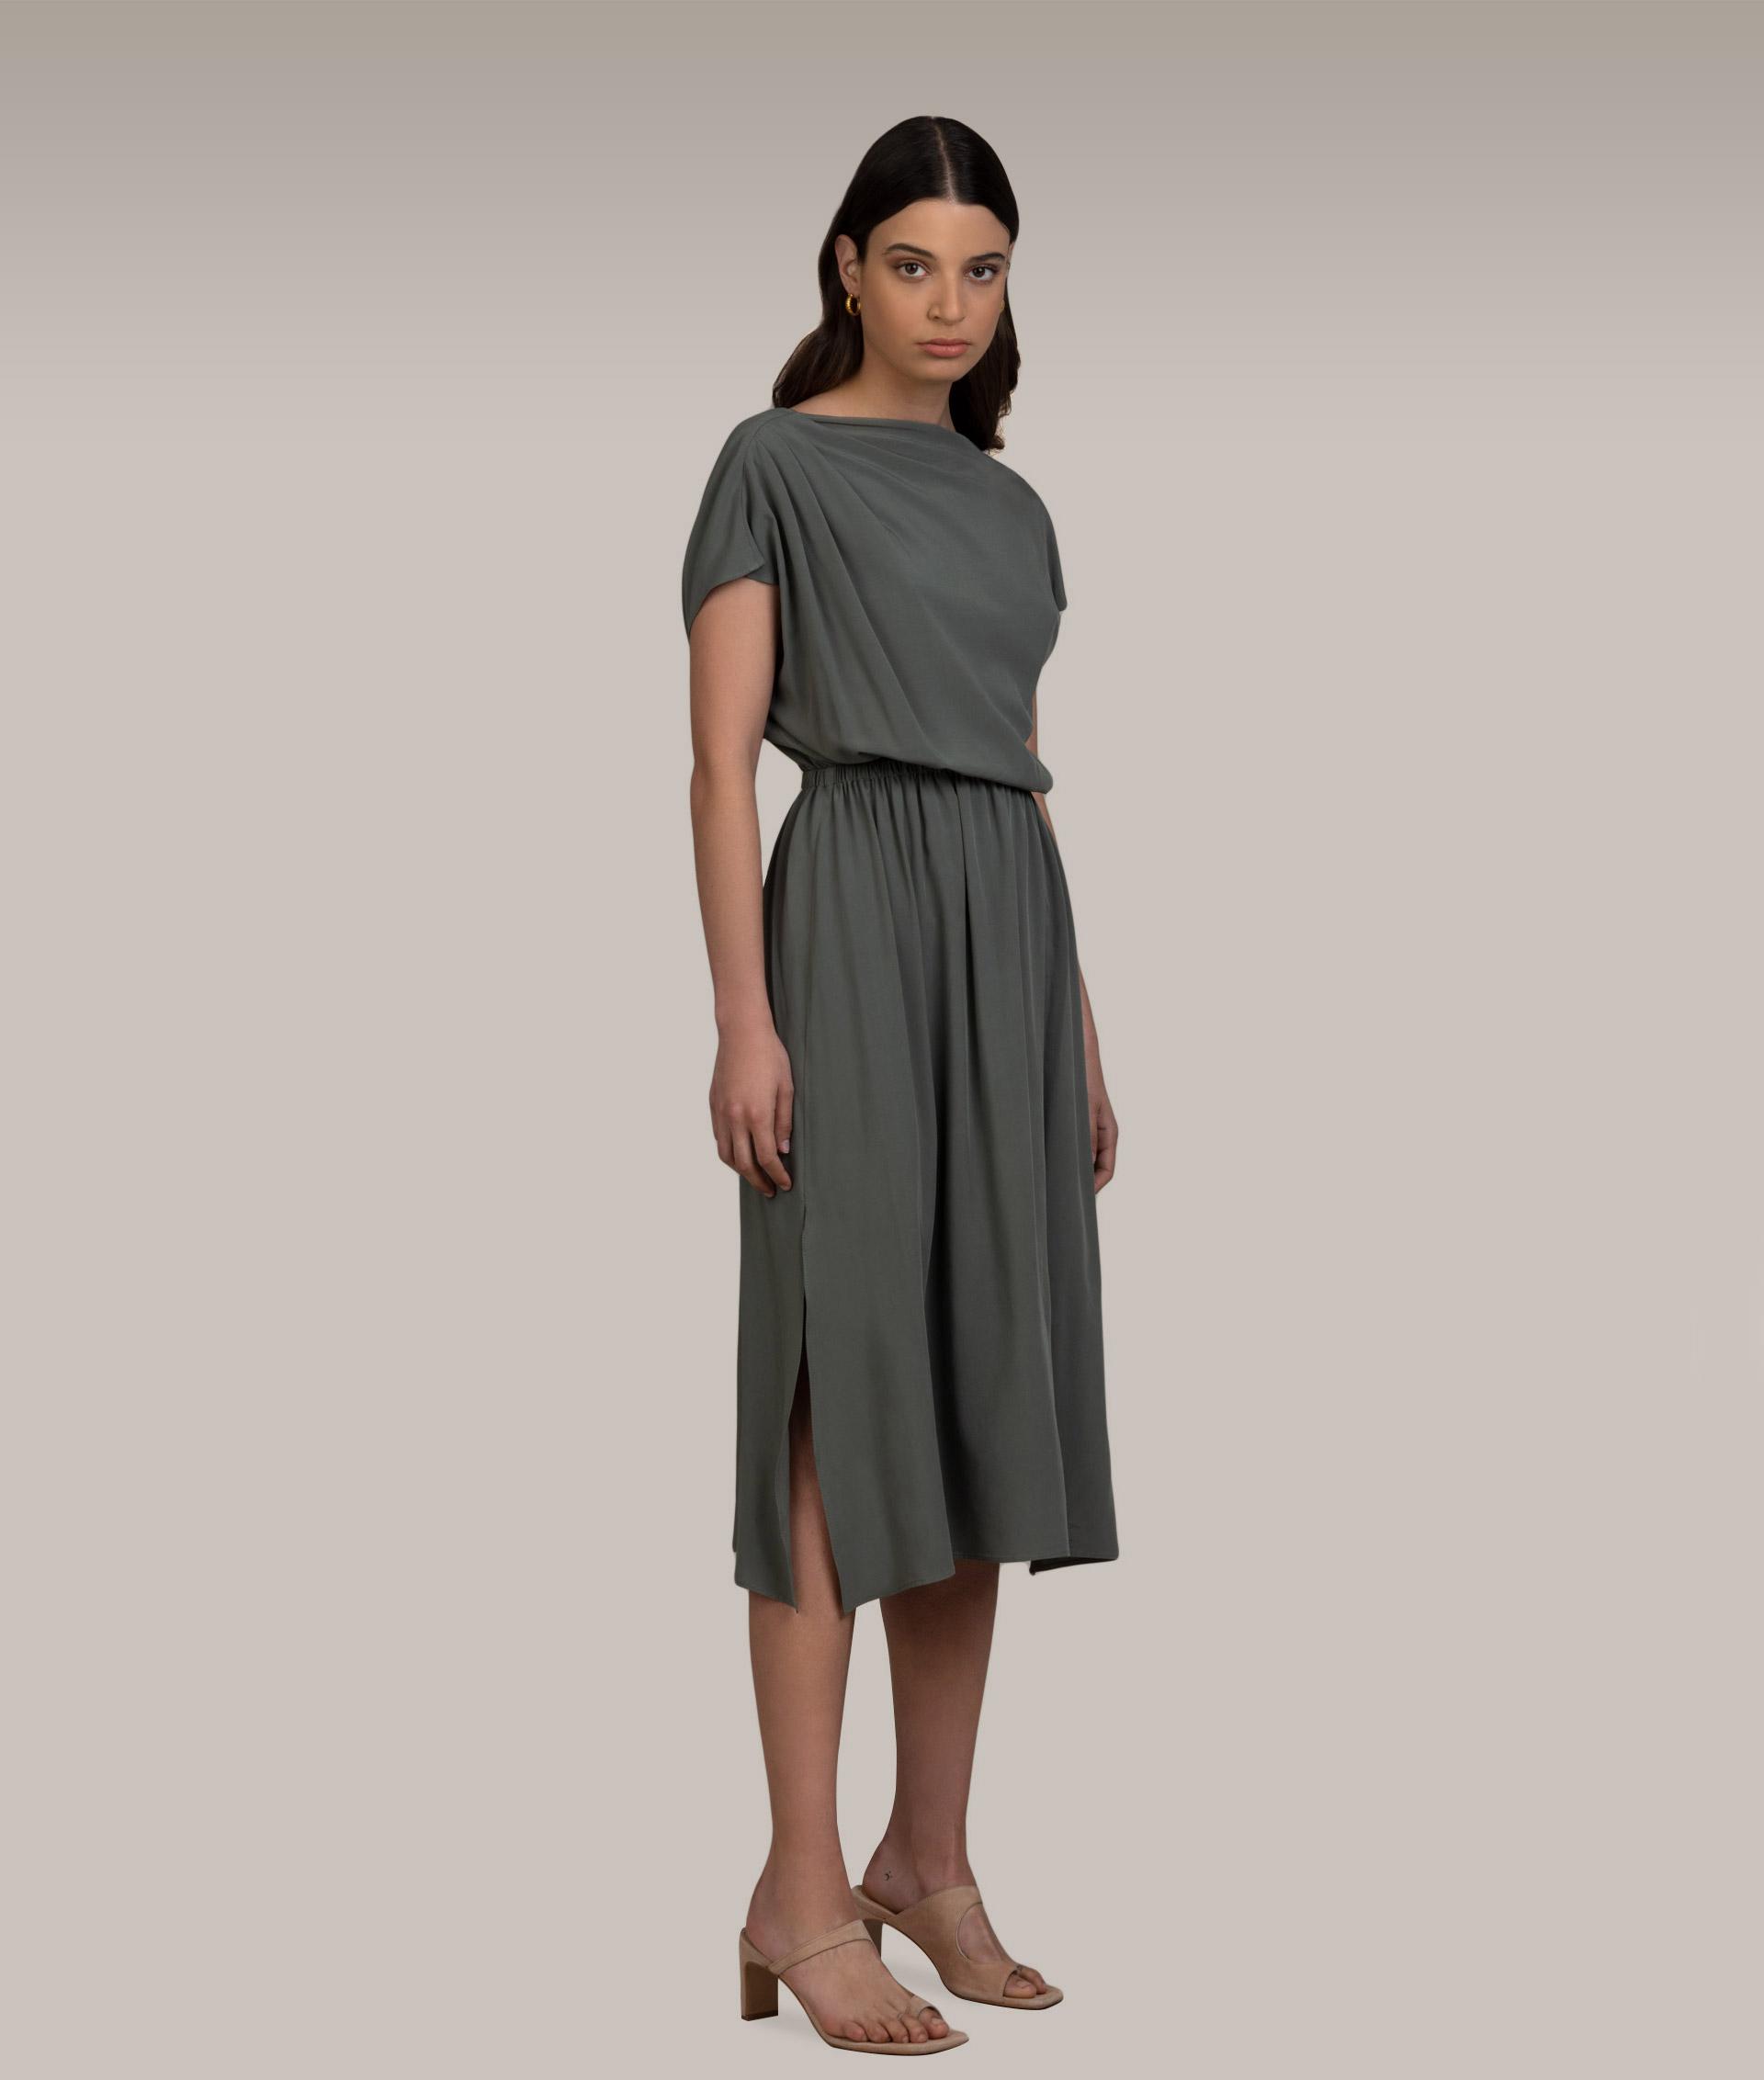 Khaki Draped Dress